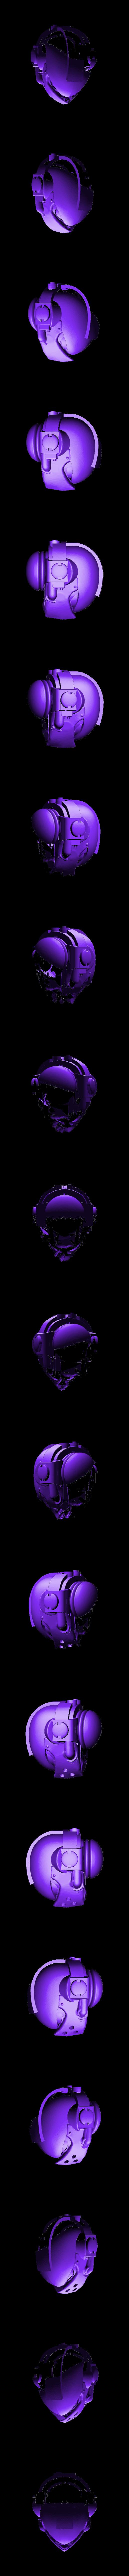 Head 8.stl Télécharger fichier STL gratuit L'équipe des Chevaliers gris Primaris • Modèle pour imprimante 3D, joeldawson93